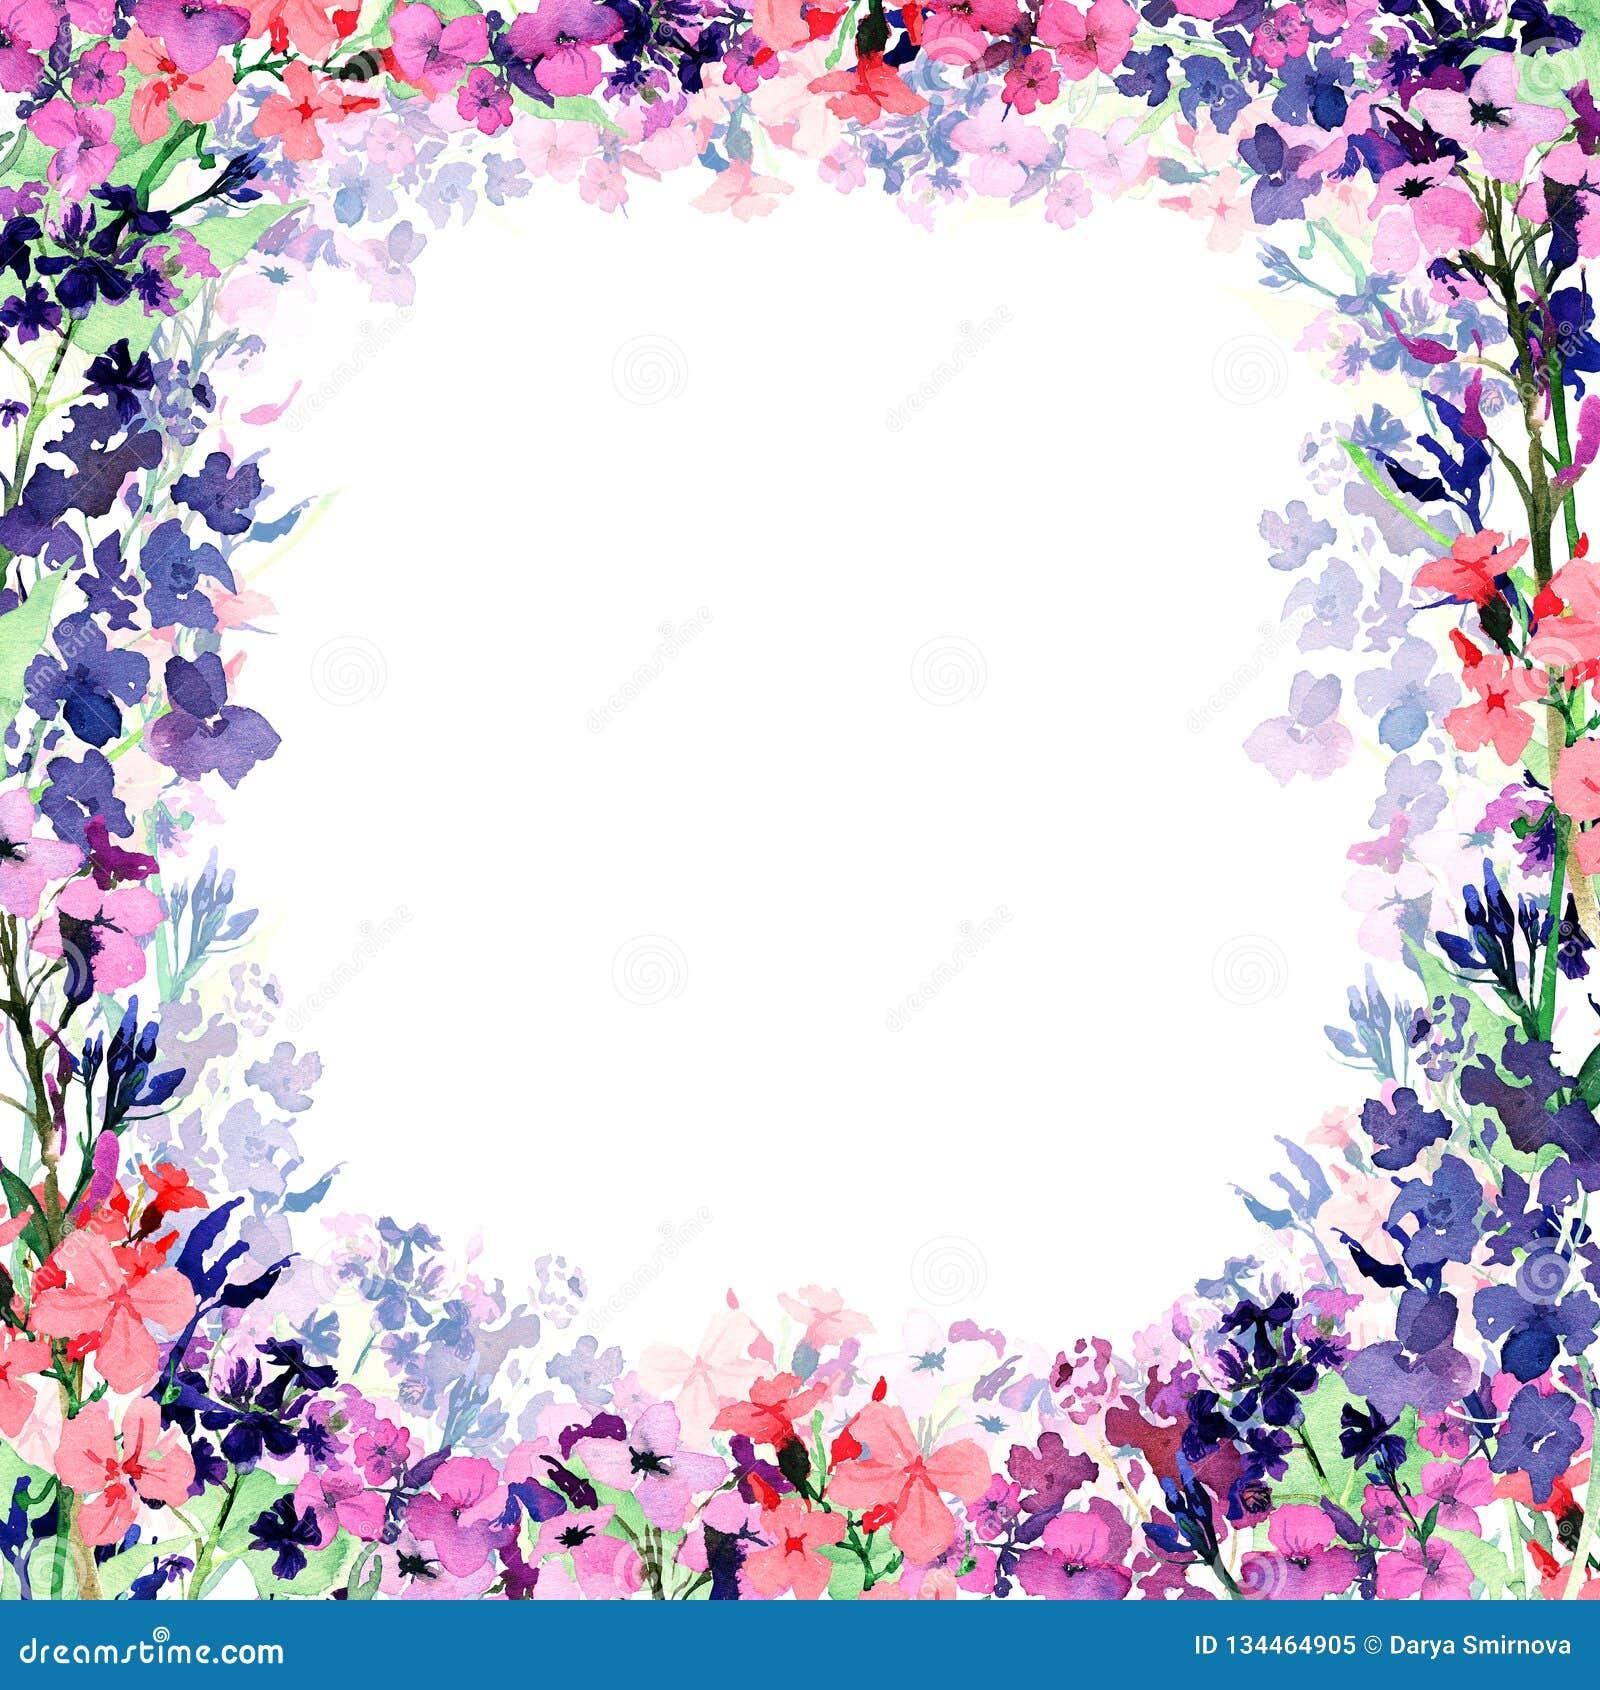 Marco cuadrado de la acuarela exhausta de la mano con pequeño rosa del prado, flores azules y violetas y capa translúcida de la f